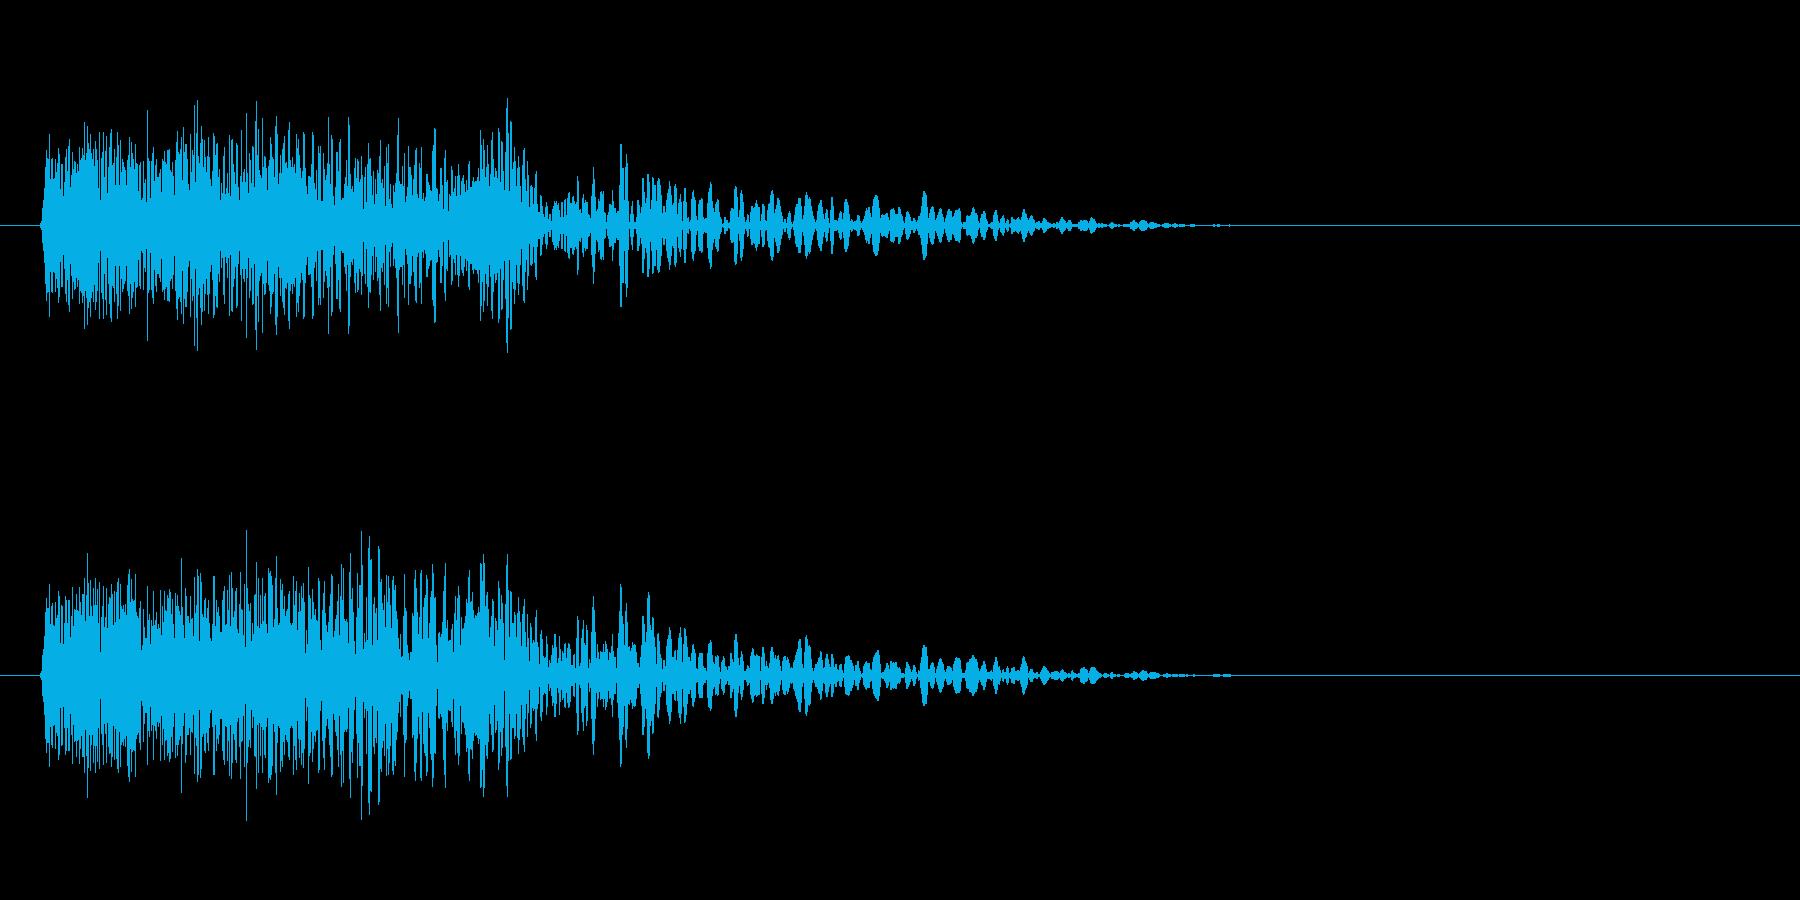 ベタなhiphop風の効果音の再生済みの波形